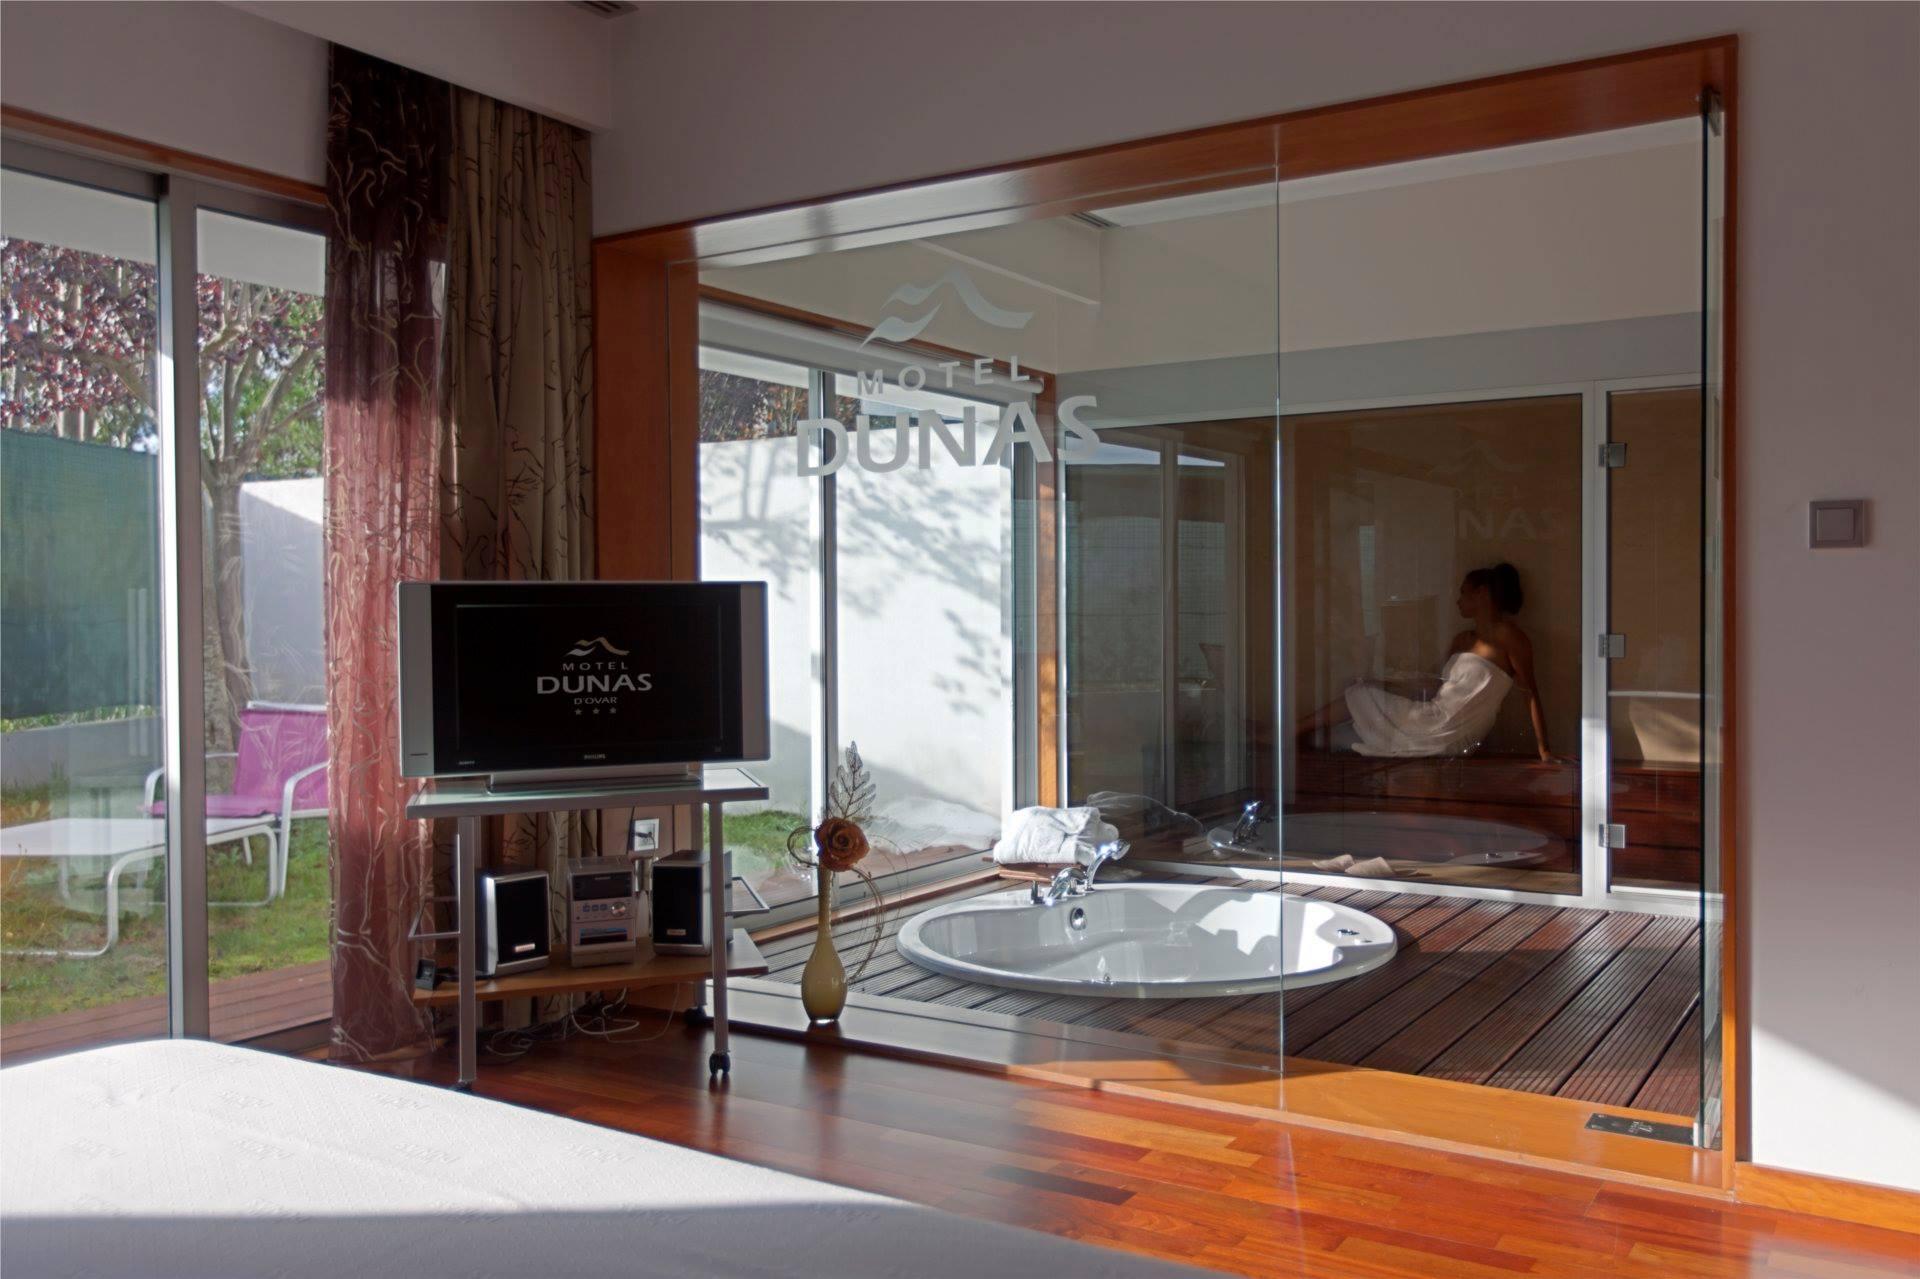 Suite de luxe avec jacuzzi - Motel Dunas - Ovar